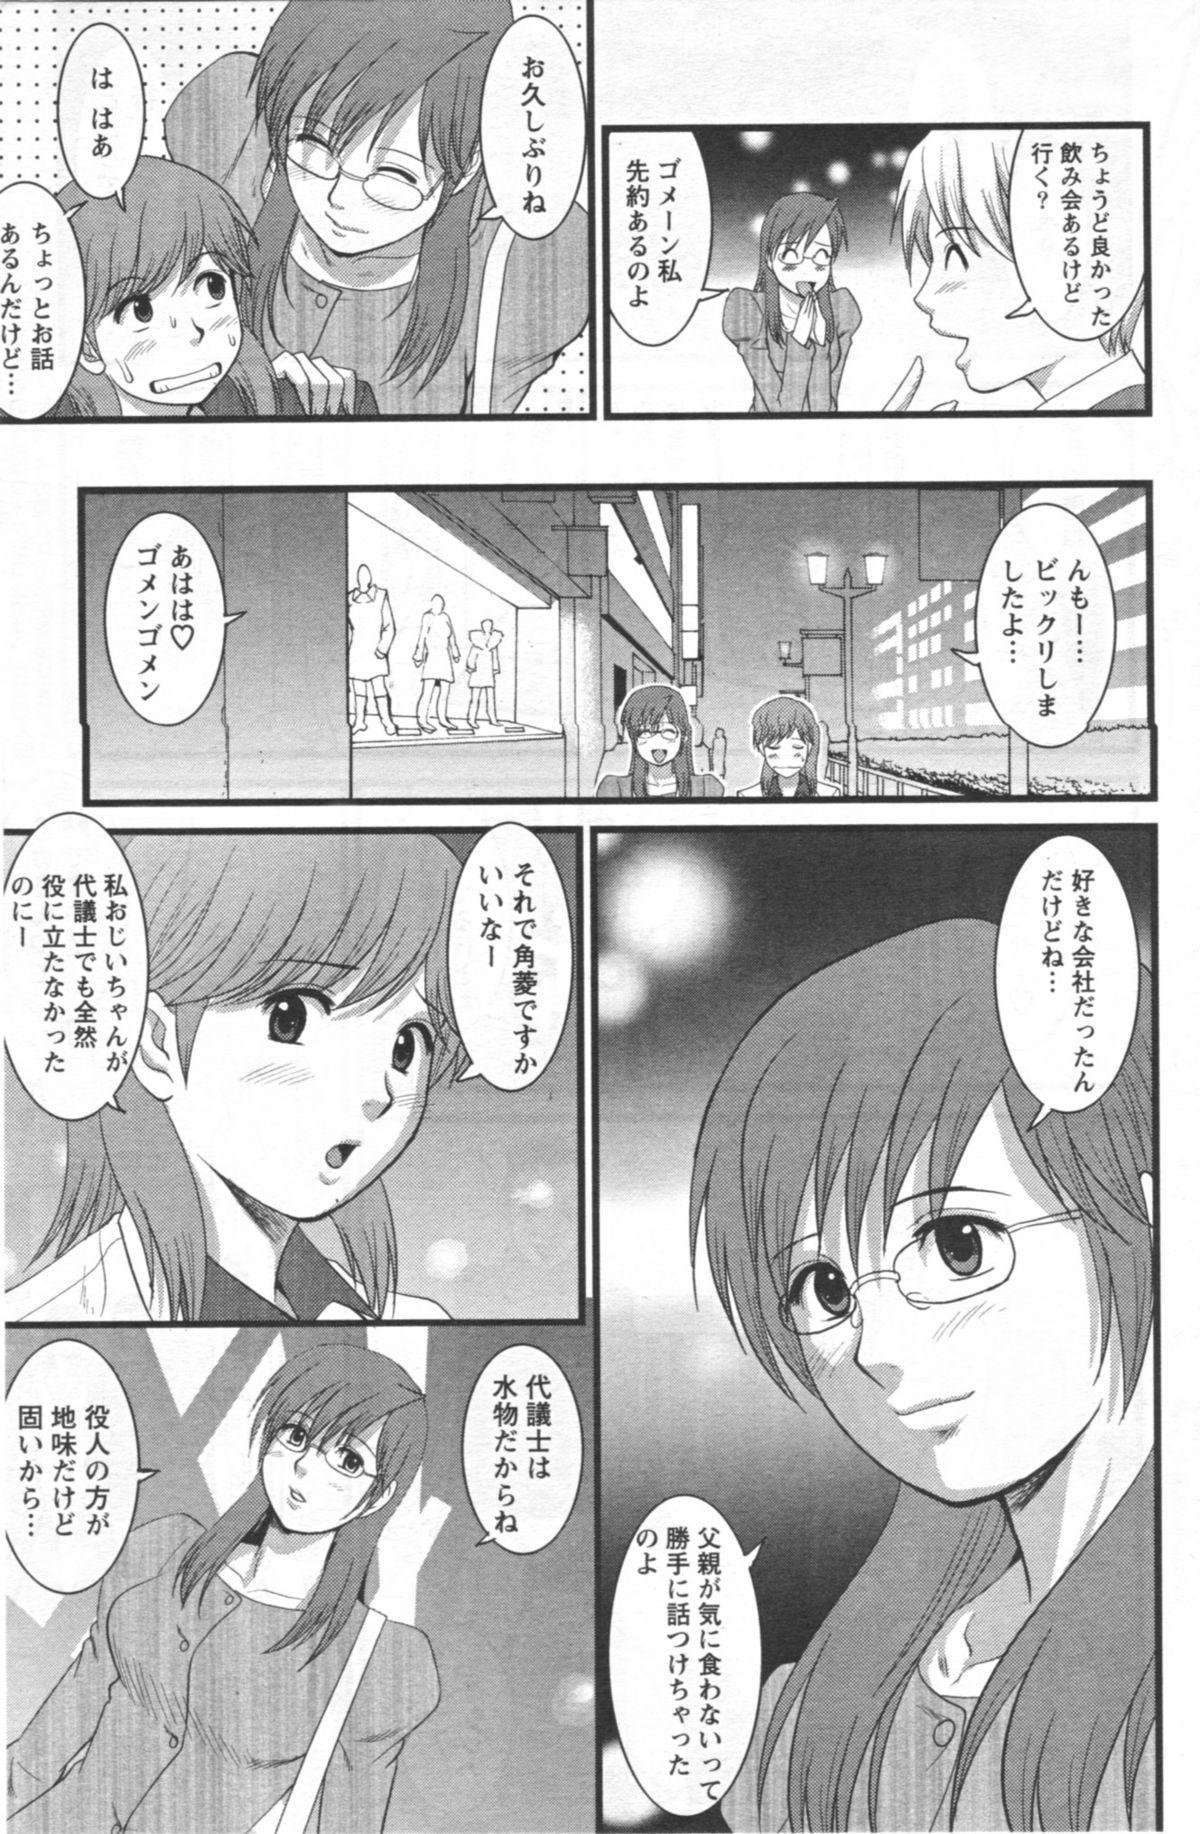 Haken no Muuko-san 12 10